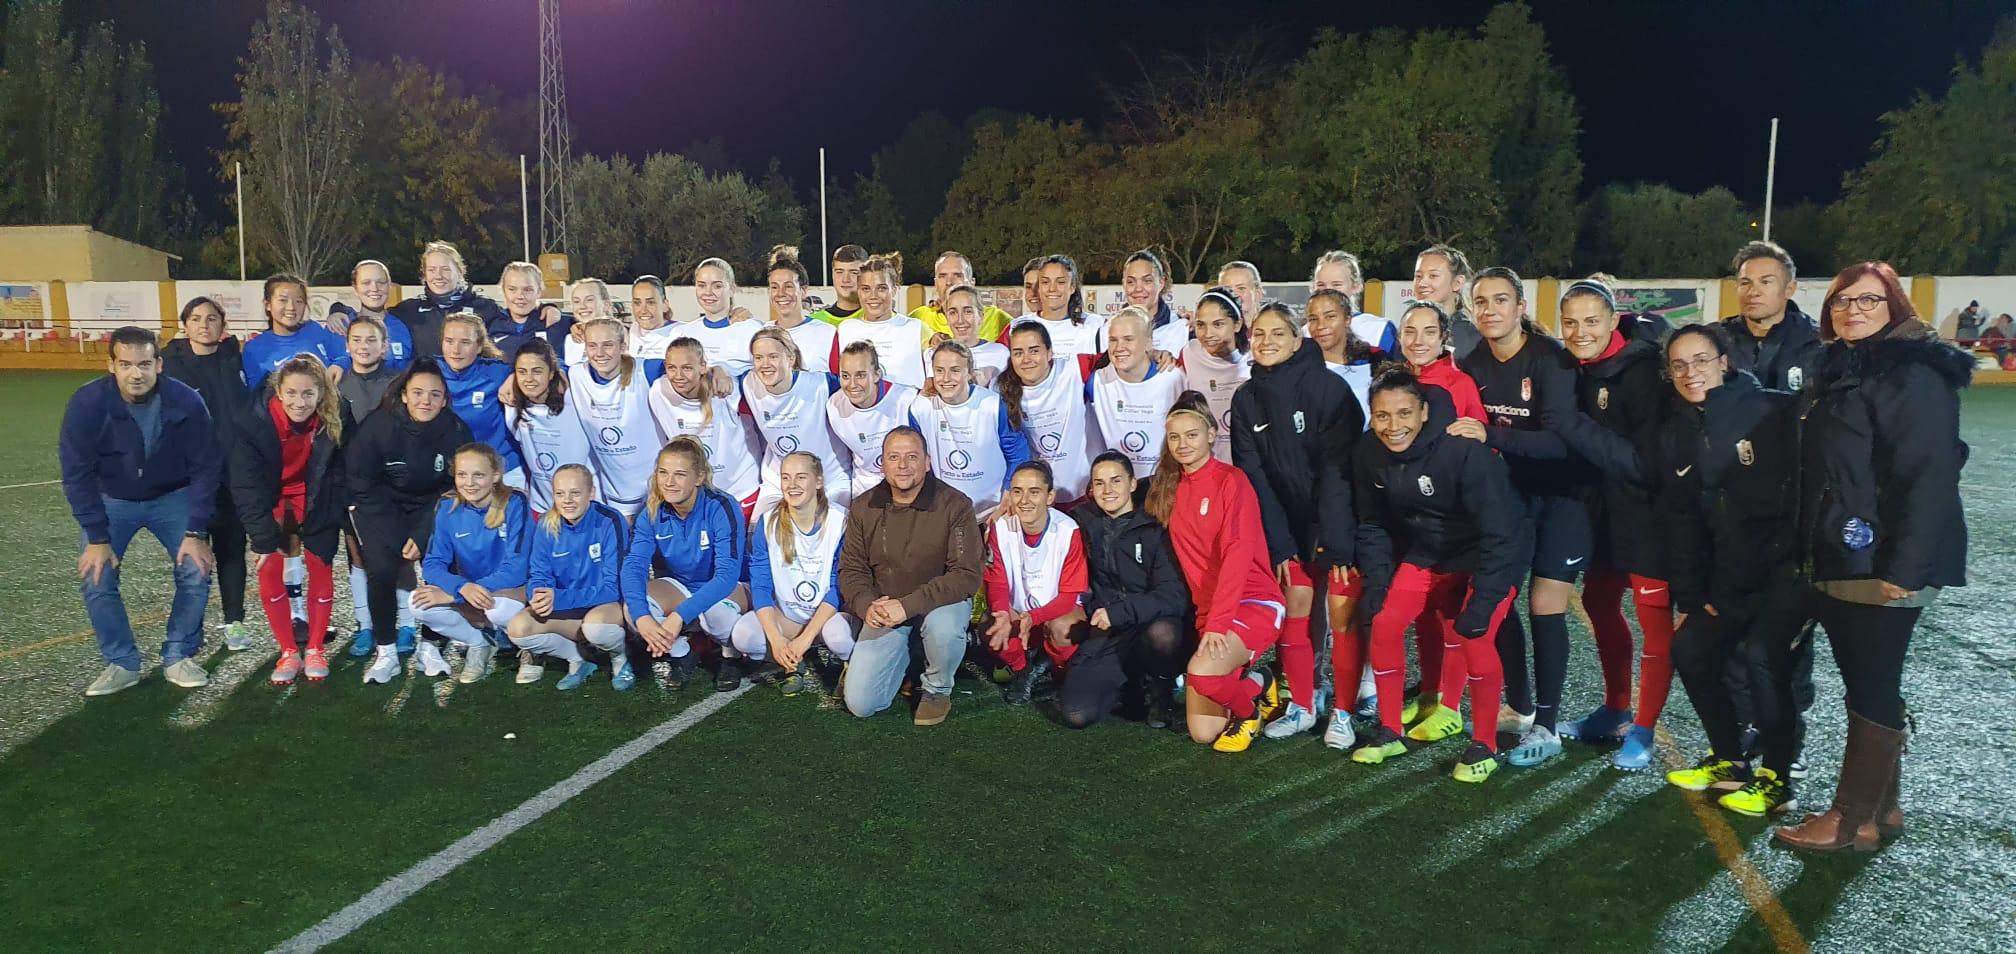 Cúllar Vega acoge un partido amistoso entre las futbolistas del Granada CF y un combinado noruego